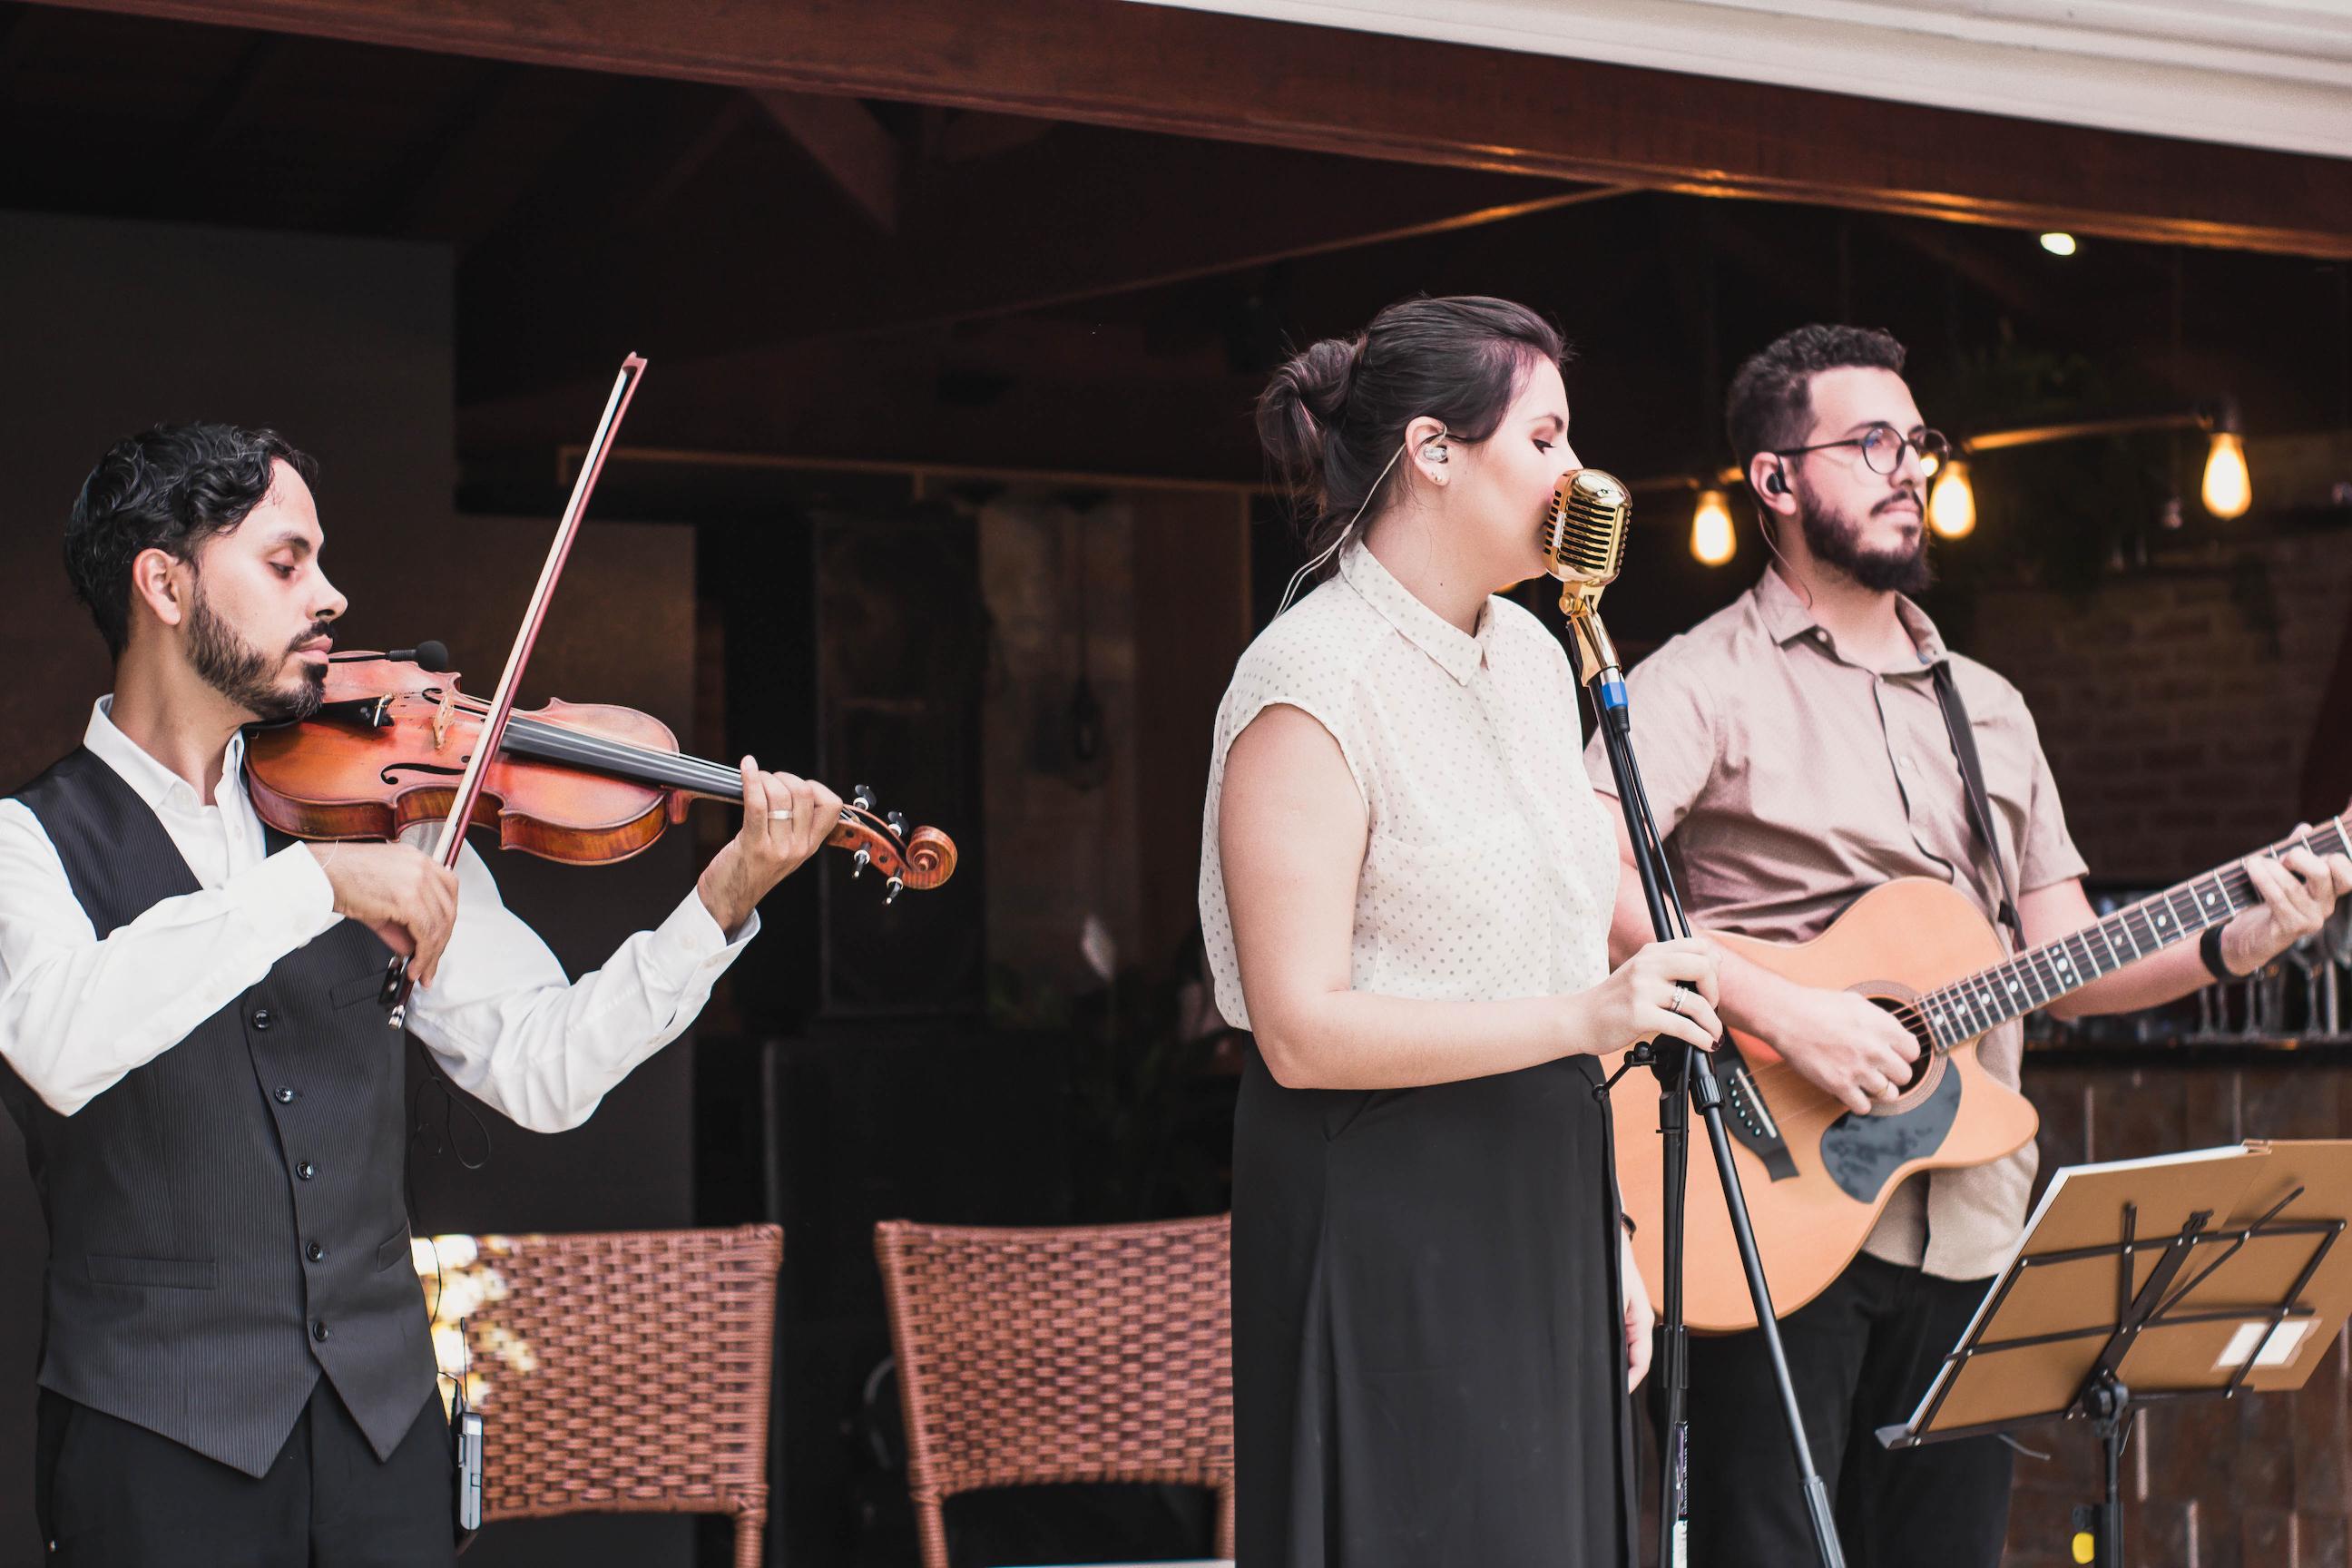 Casamento Marcela e Gabriel Voz Violao e Violino 02